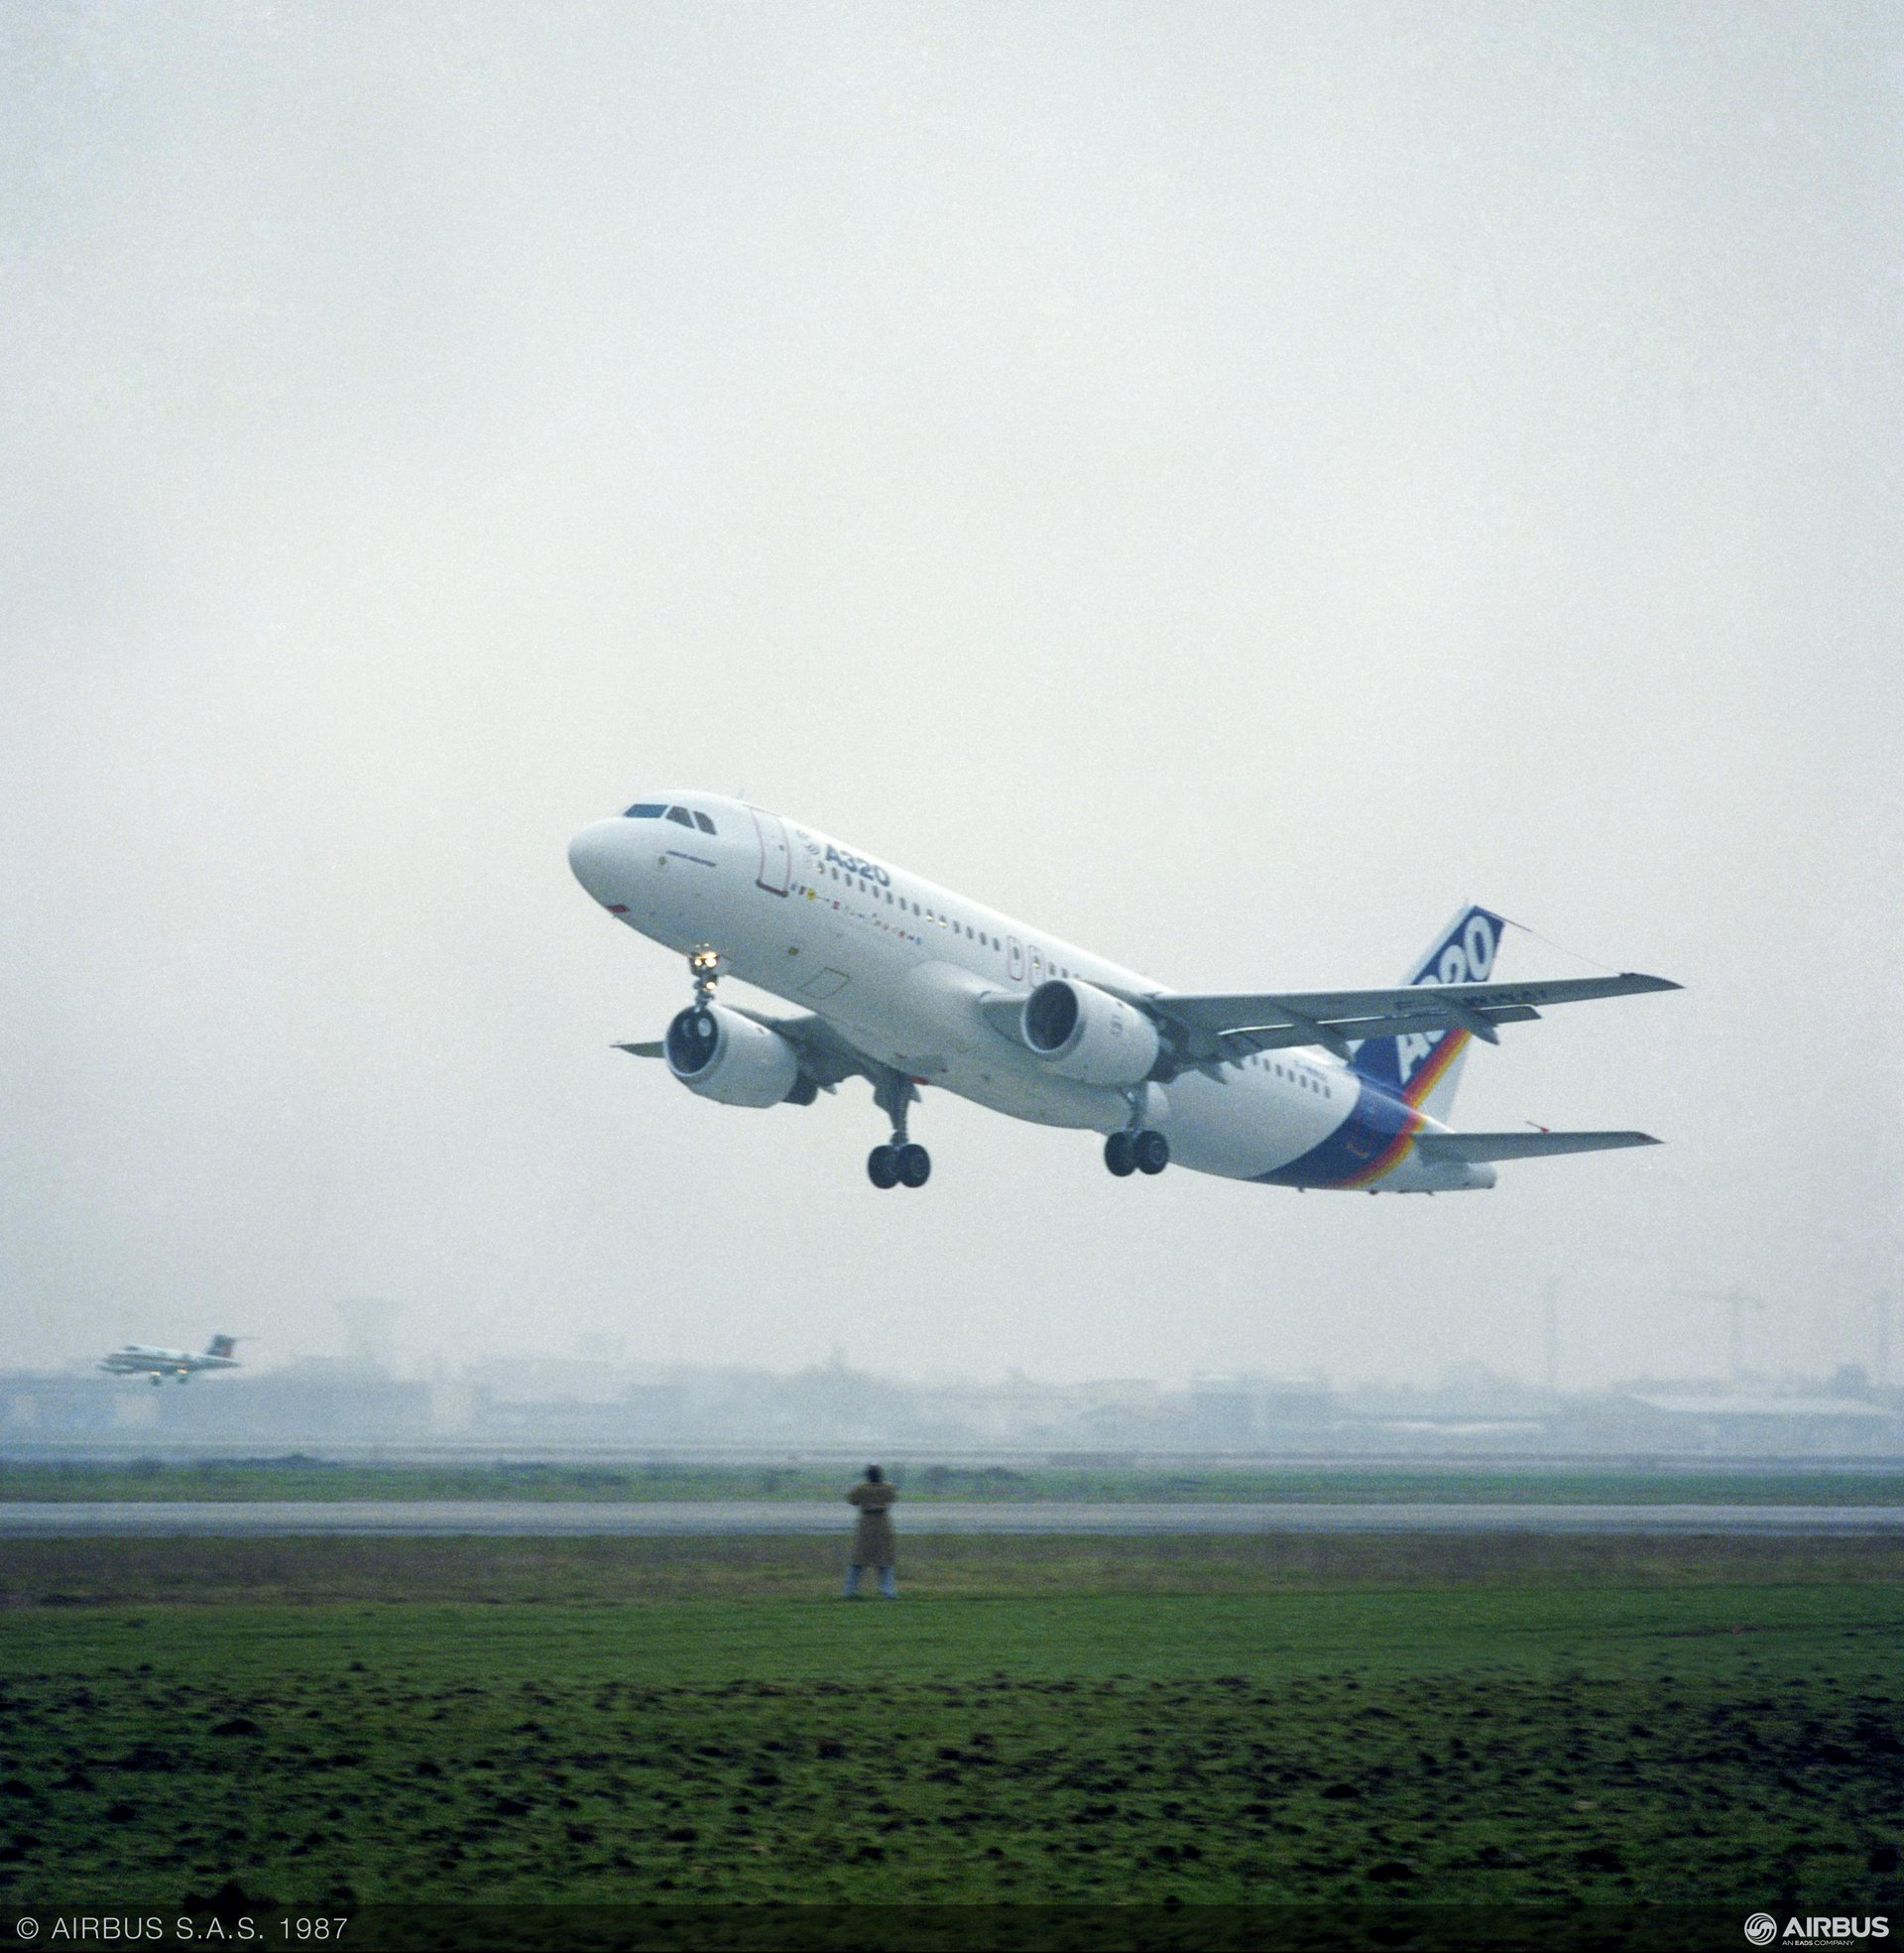 A320_First flight 3